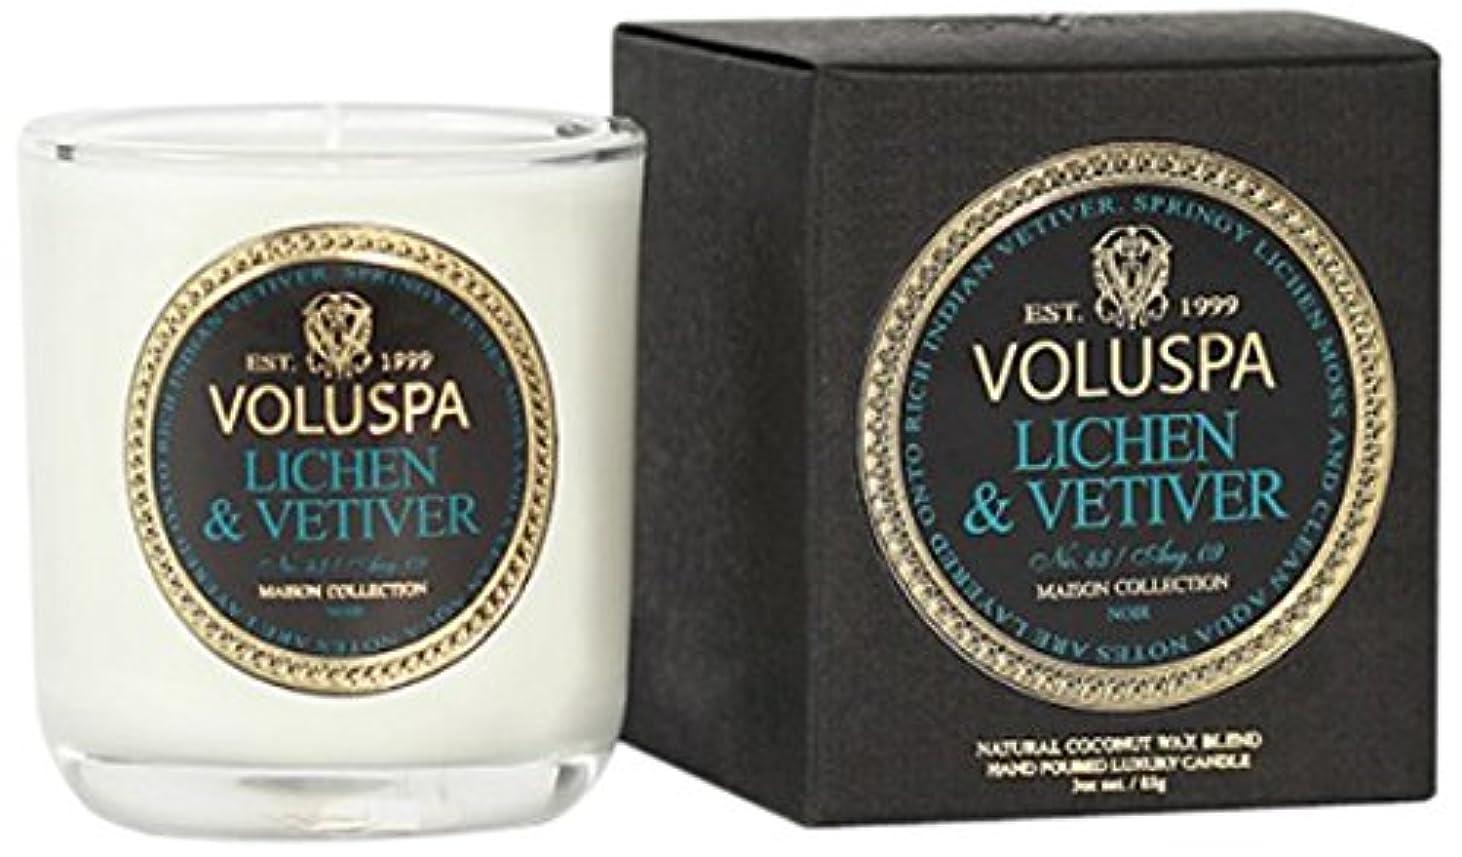 シルクレンダリングスケートVoluspa ボルスパ メゾンノワール ミニグラスキャンドル ライケン&ベチバー MAISON NOIR Mini Glass Candle LICHEN & VETIVER